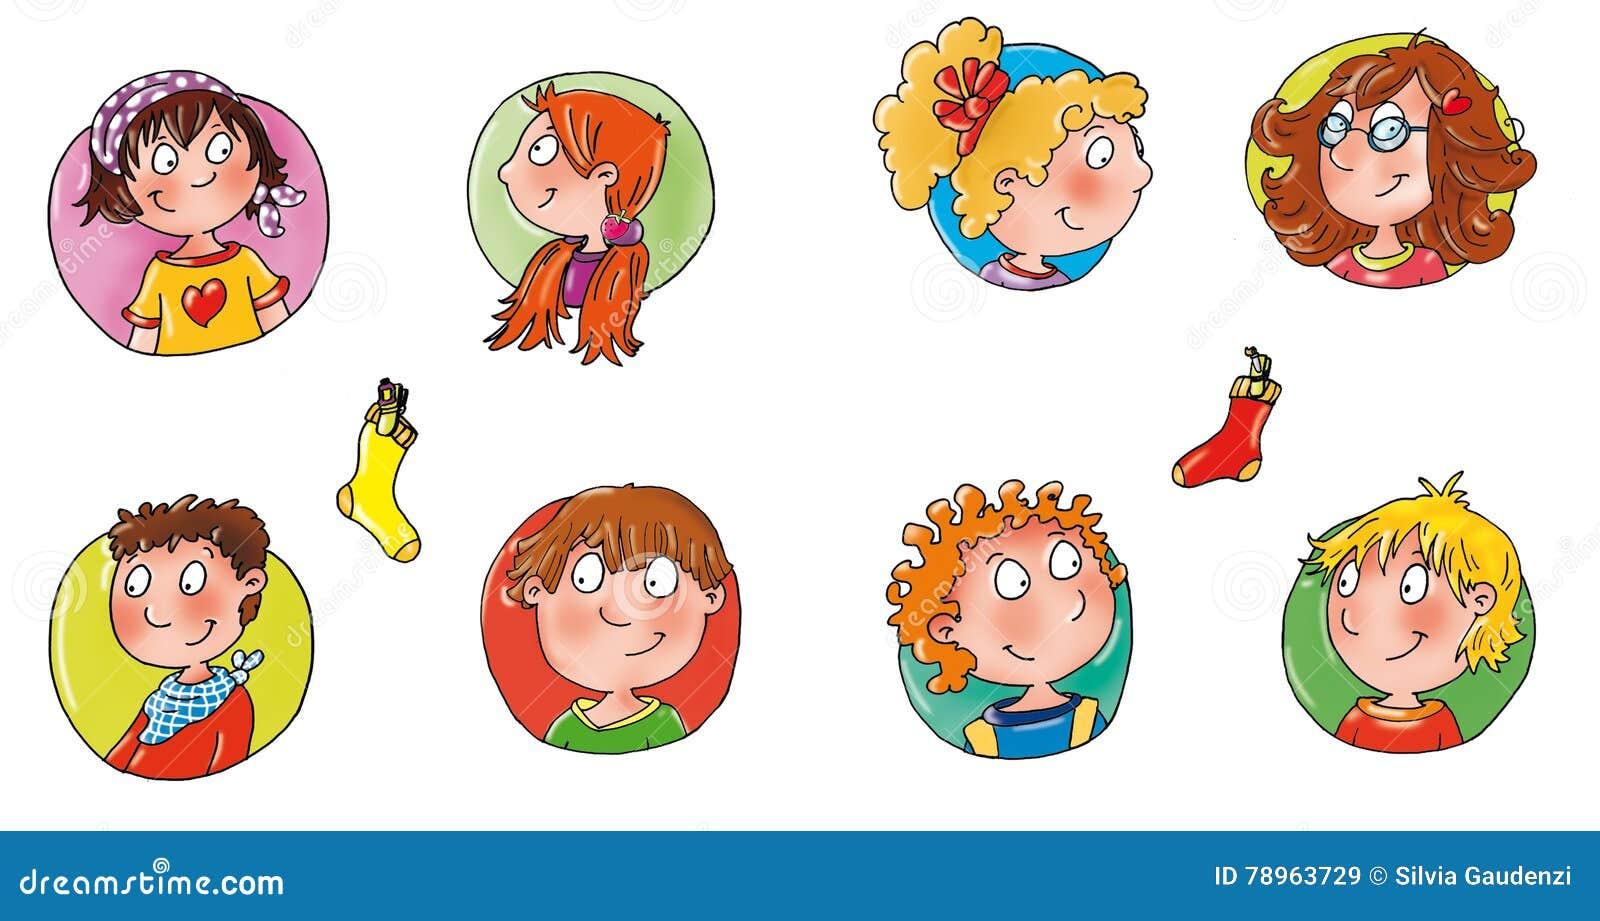 Kindergesichter mit farbiger Hintergrundavatara lustiger komischer Knopfikone zu den Standorten